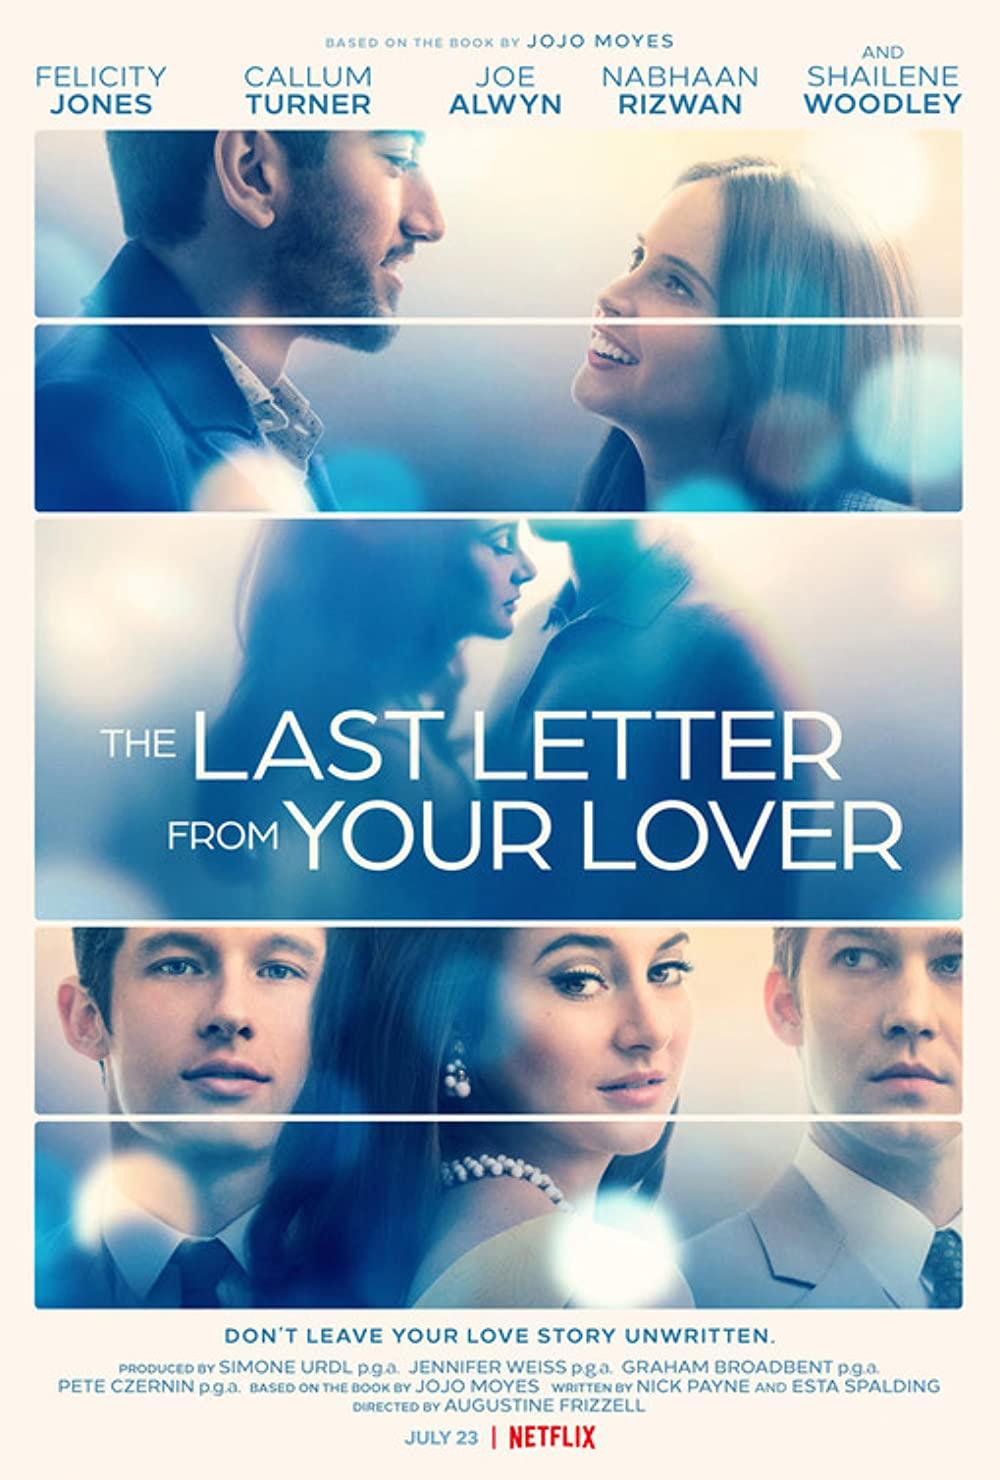 دانلود فیلم آخرین نامه از معشوقه شما Last Letter from Your Lover 2021 با زیرنویس چسبیده